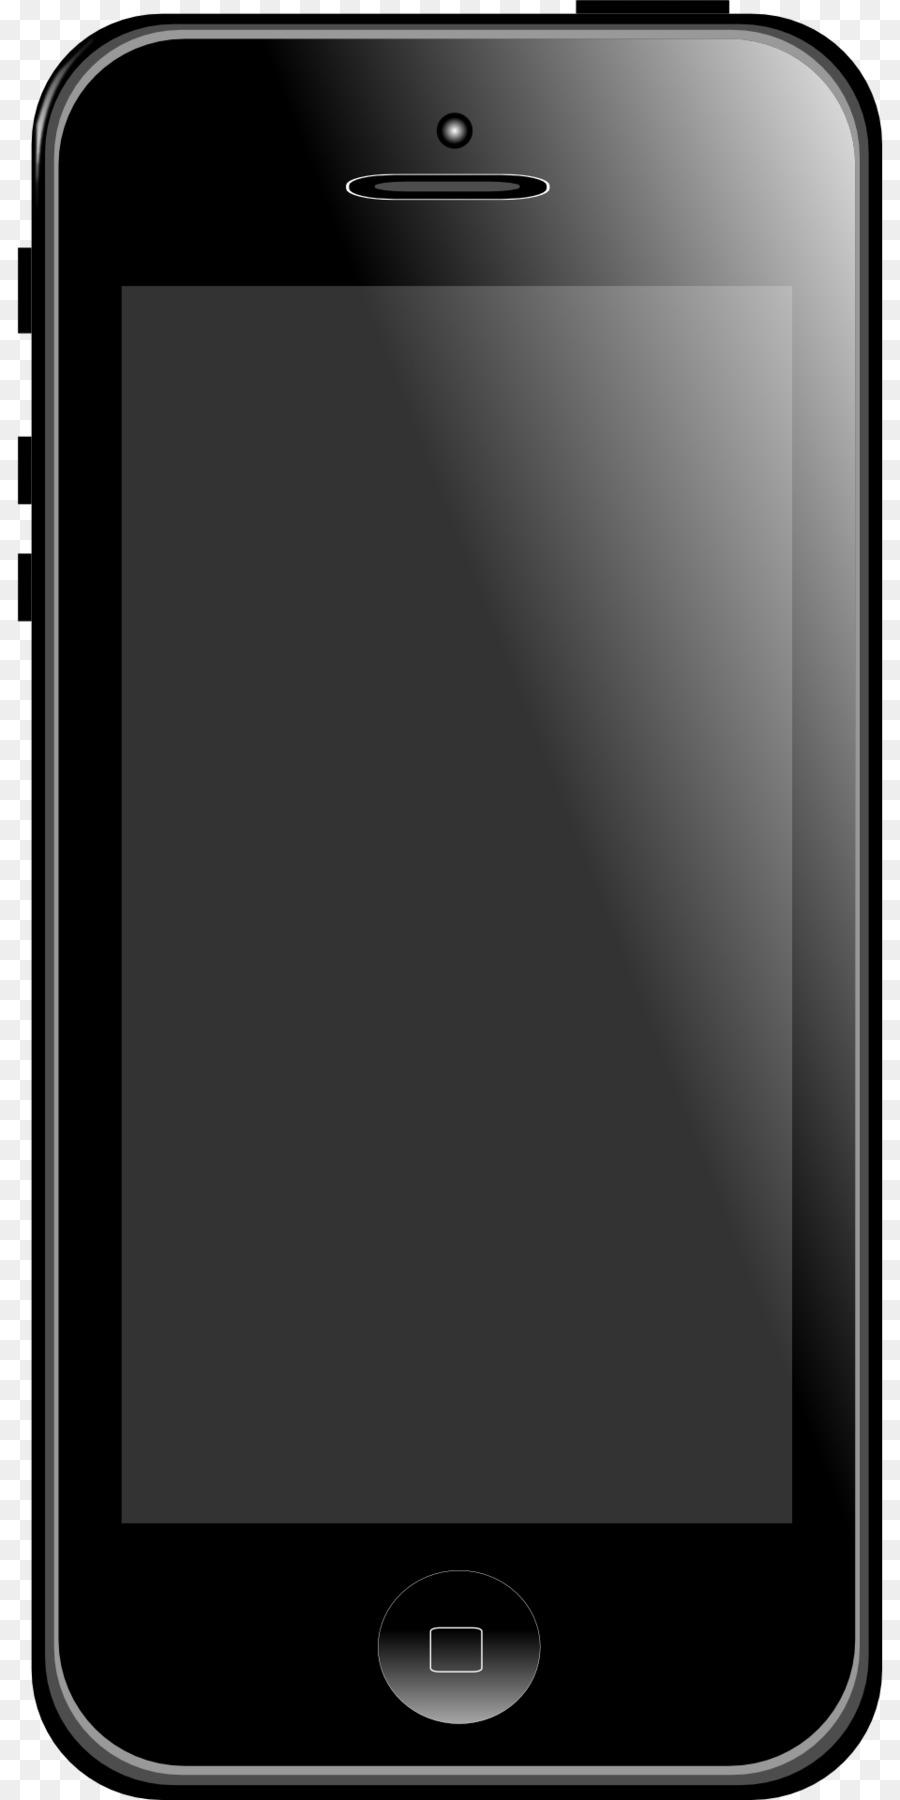 Картинка сотового телефона на прозрачном фоне